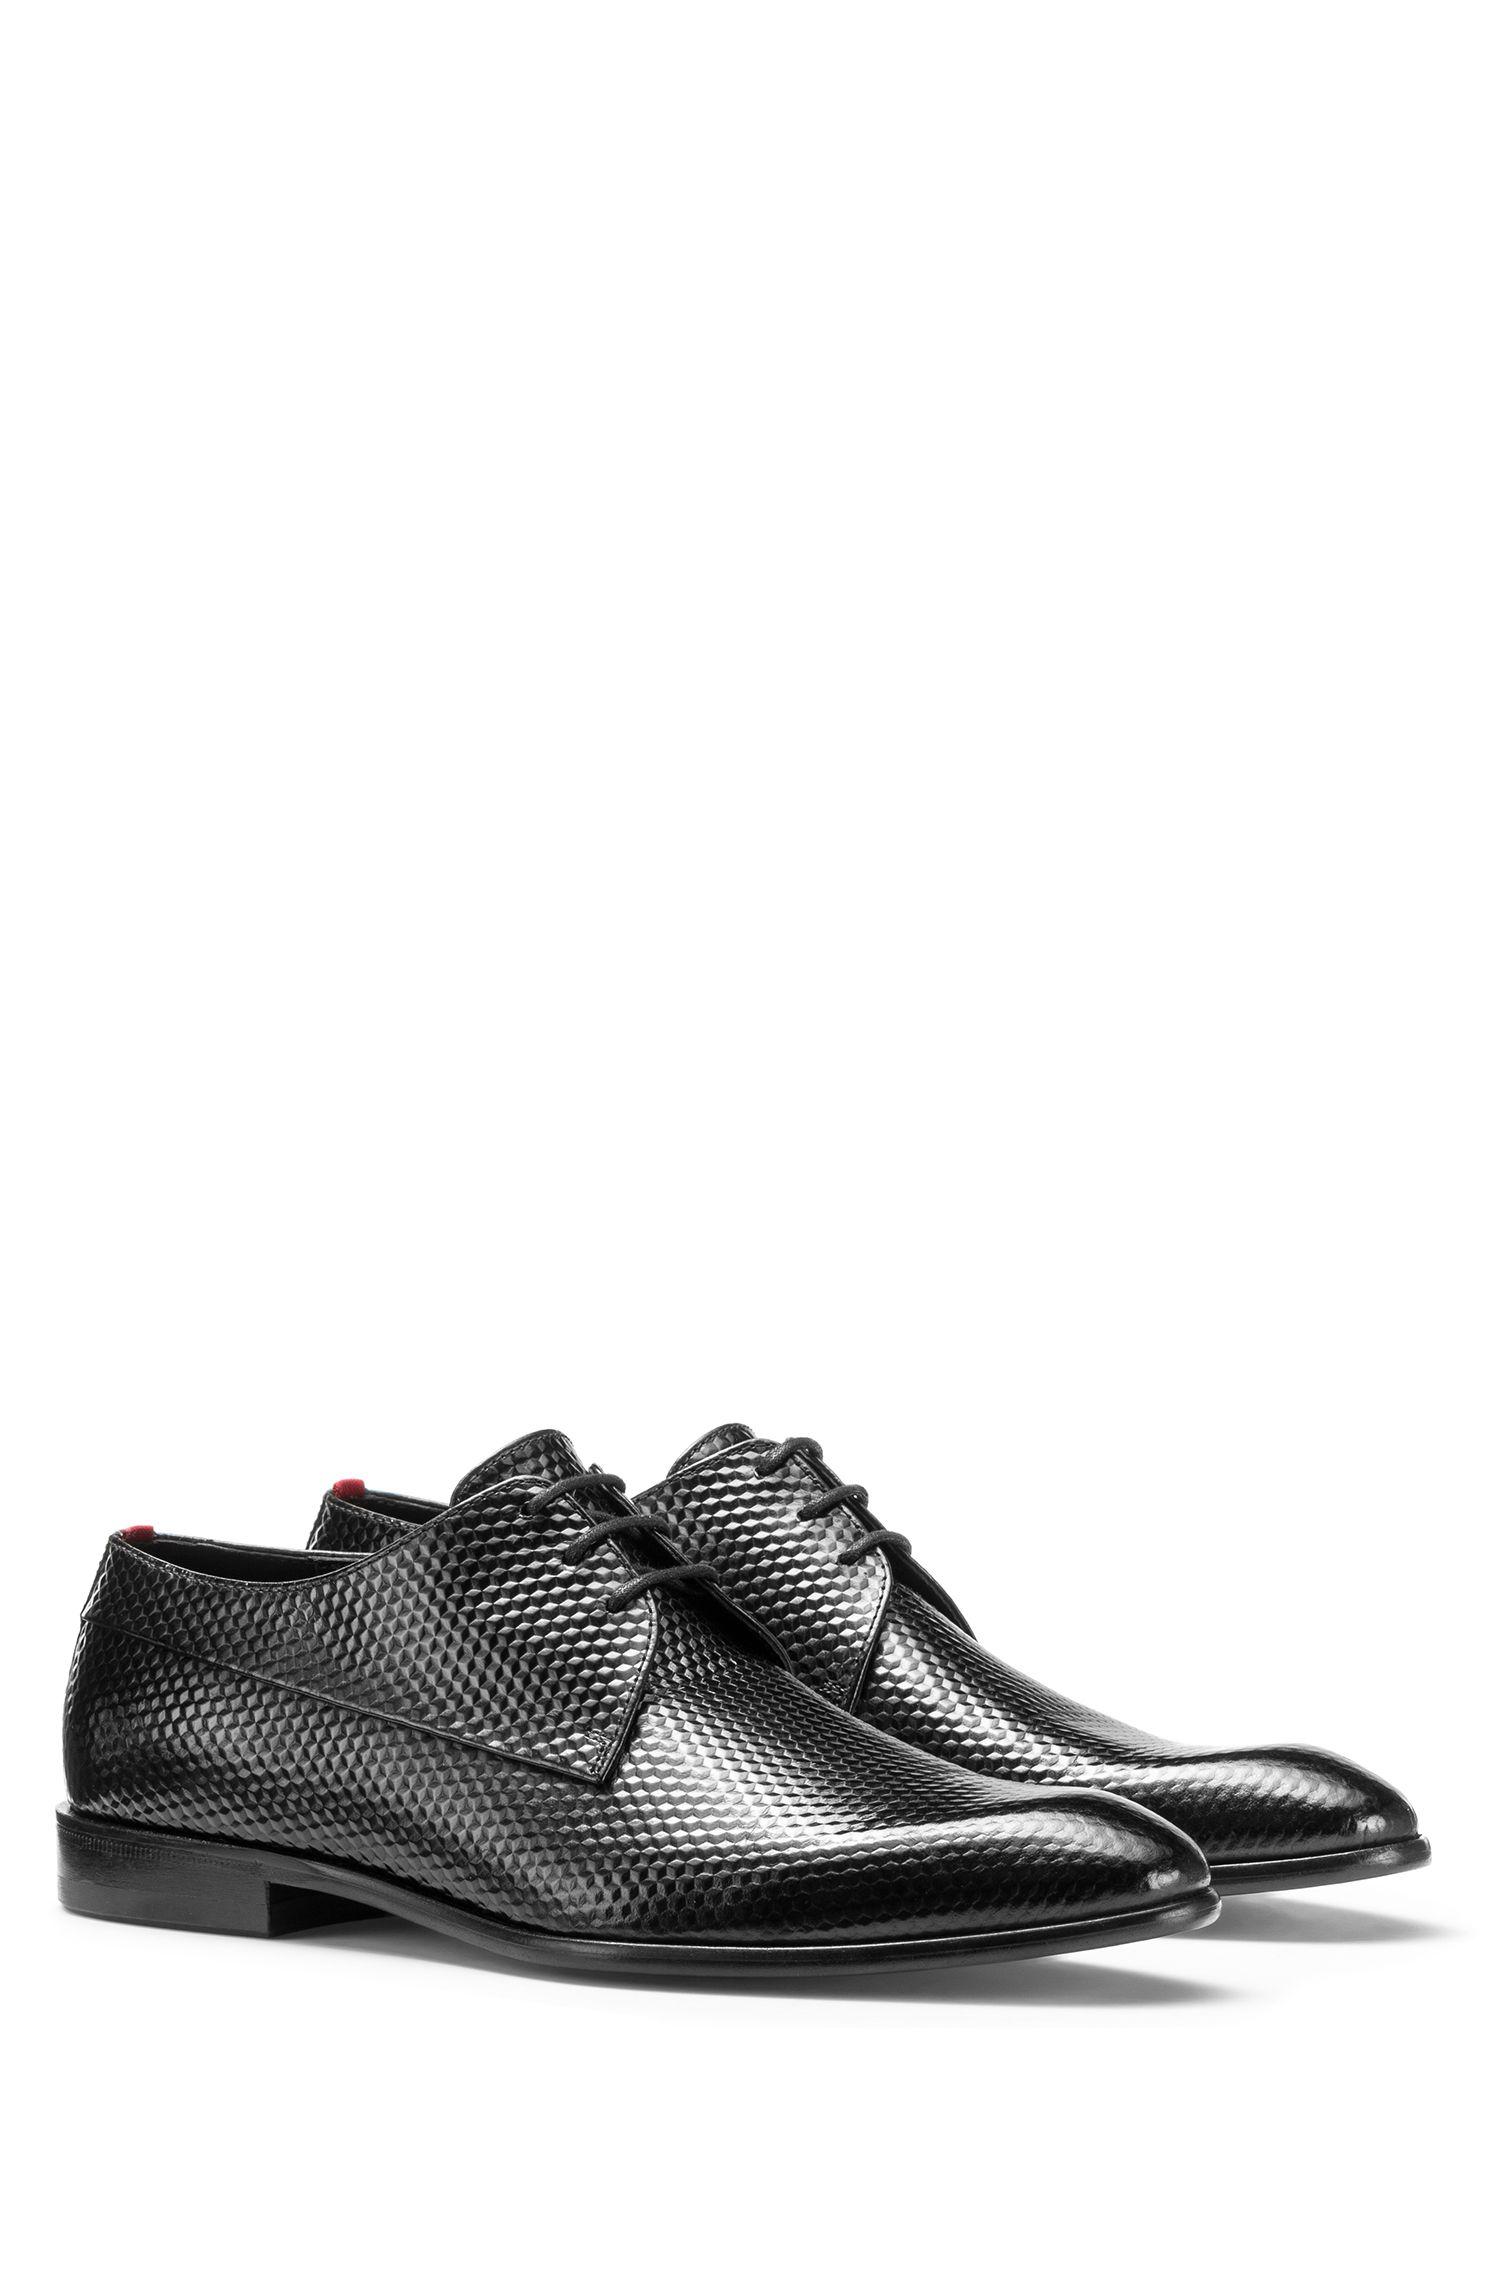 FOOTWEAR - Lace-up shoes Mat:20